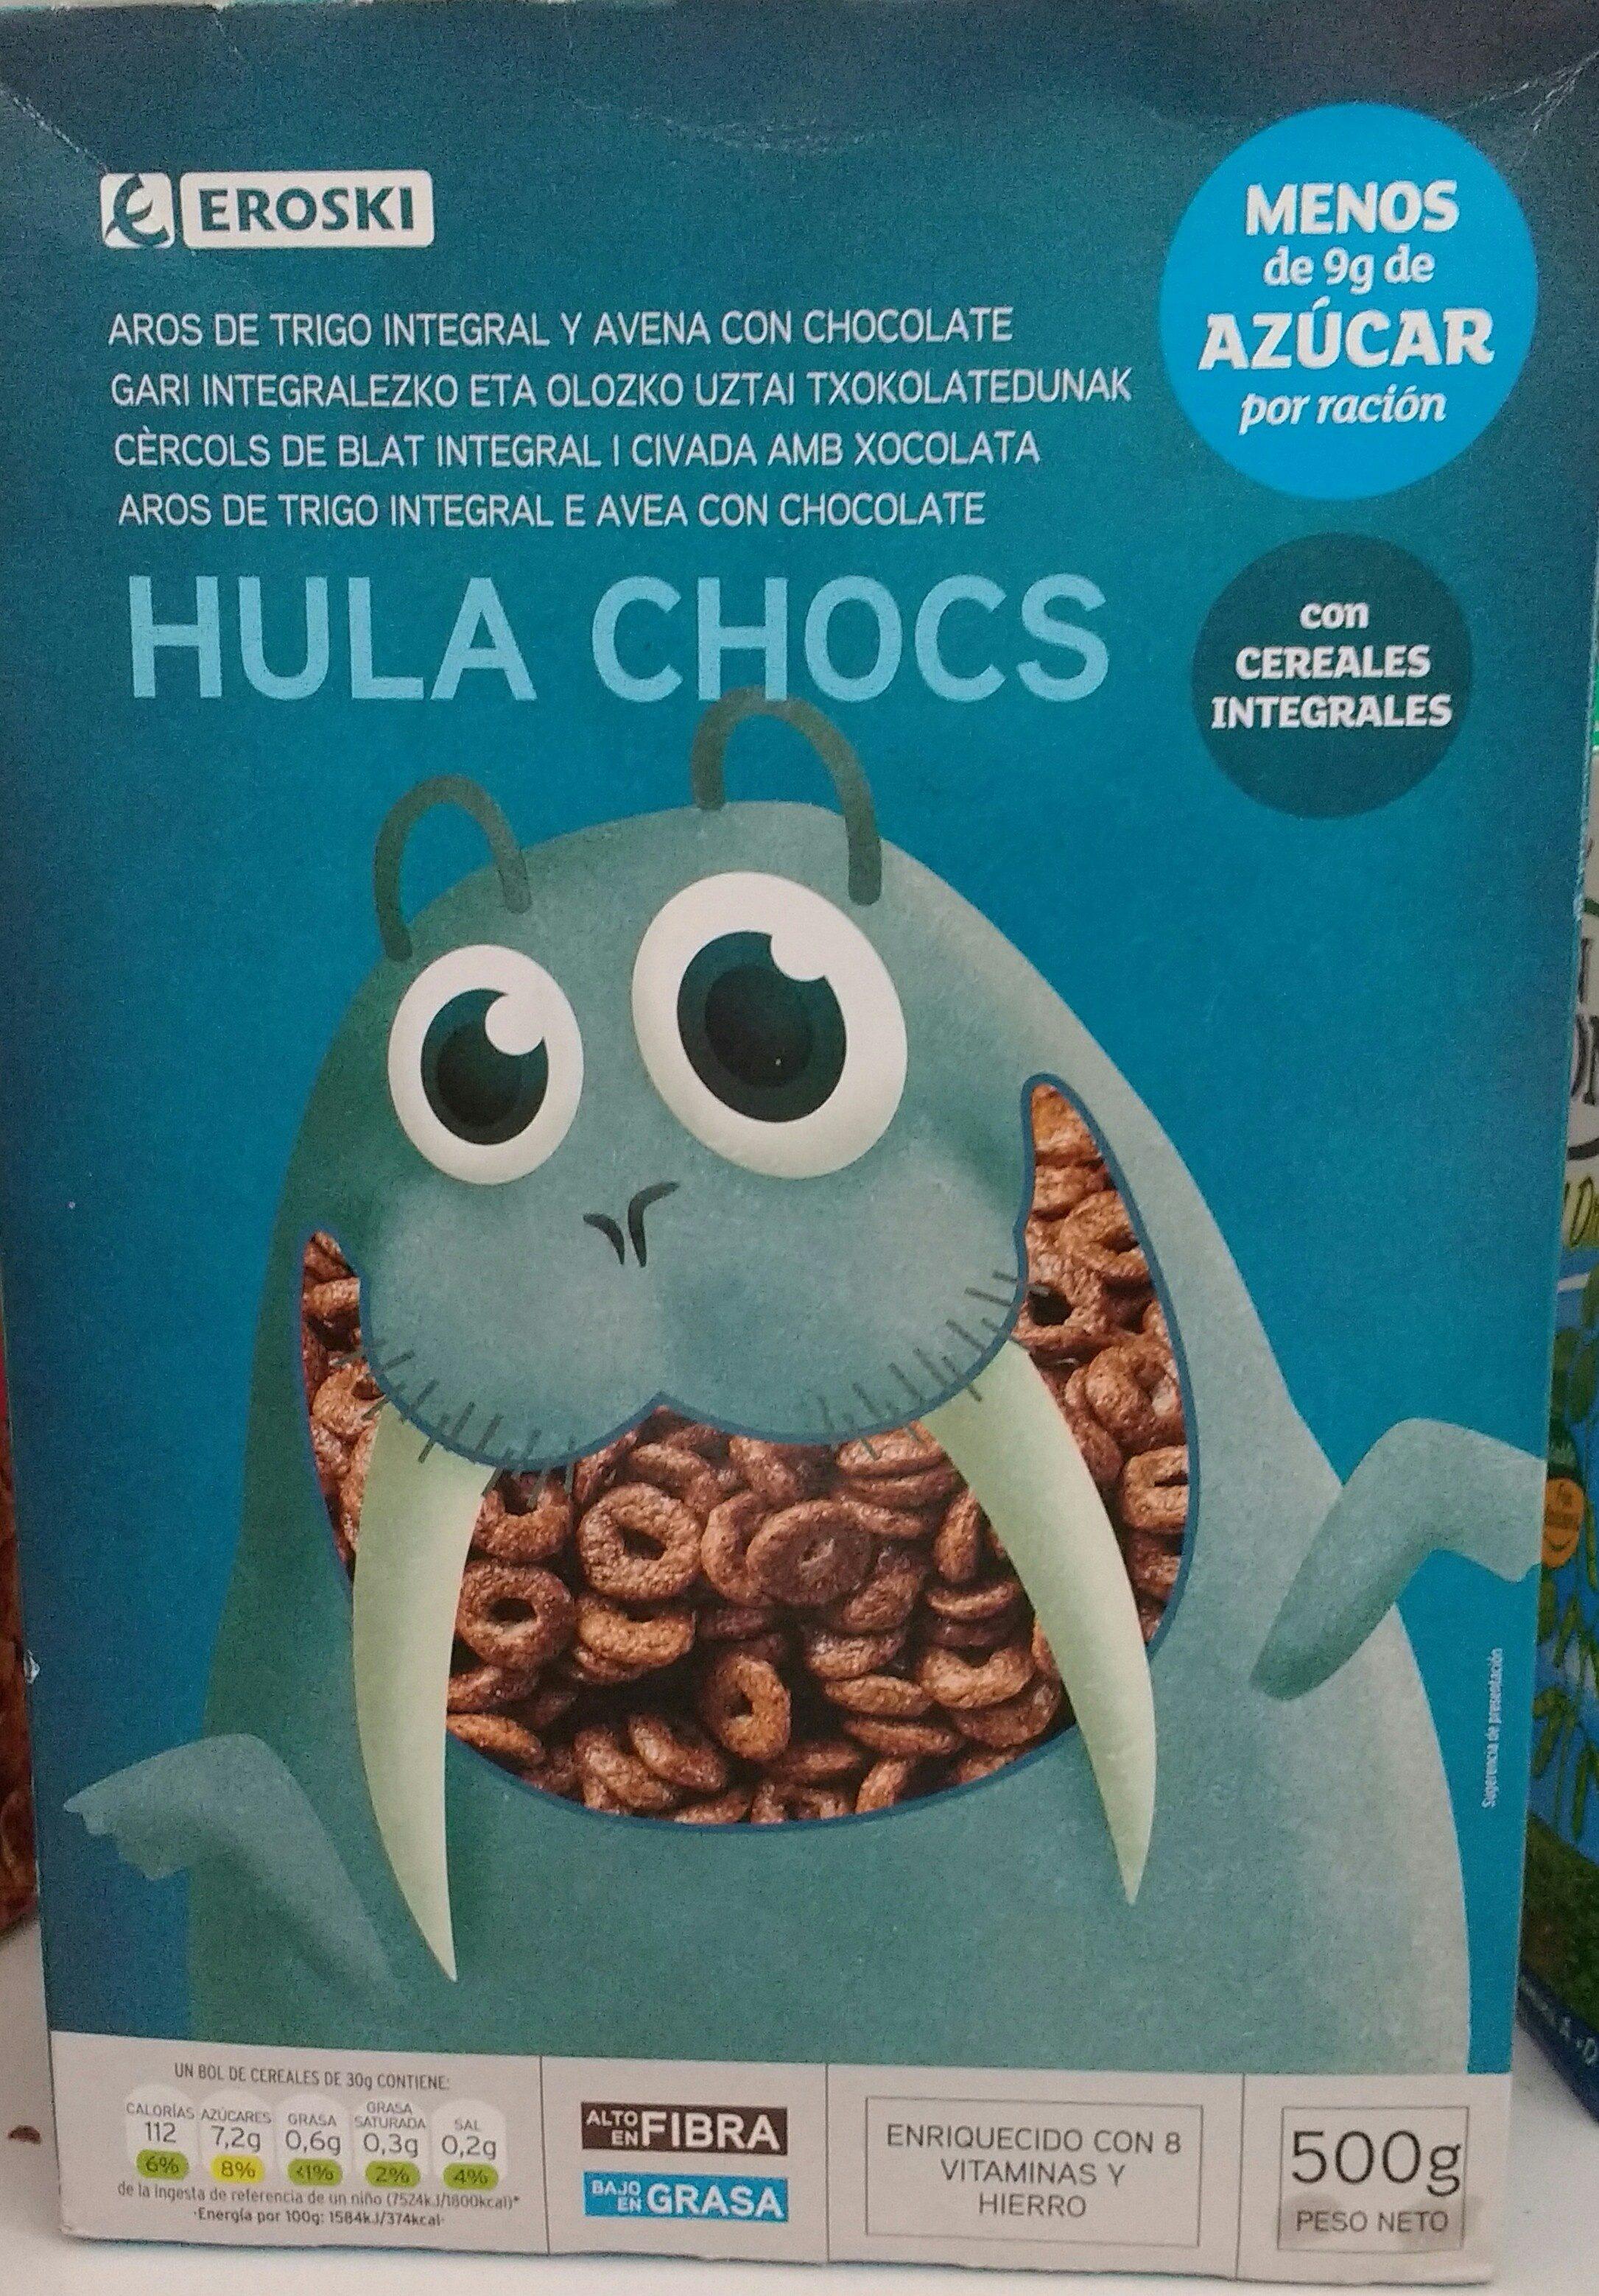 Hula chocs - Arroz de trigo y avena con chocolate - Produit